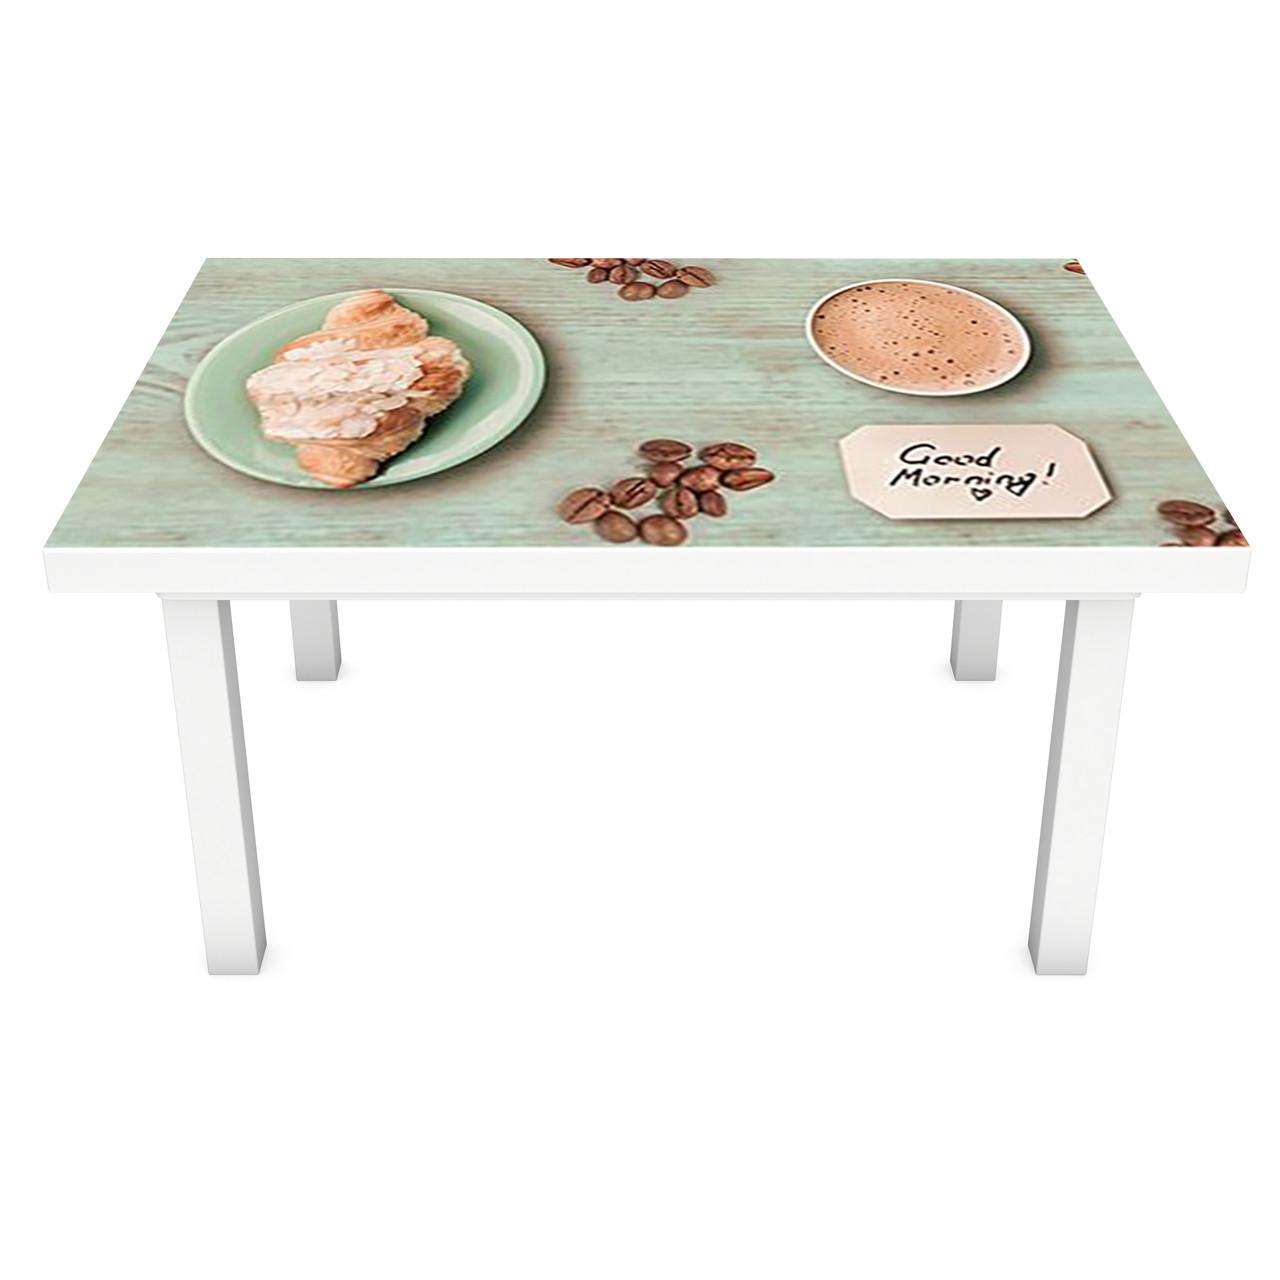 Наклейка на стол Мятный Прованс (3Д виниловая пленка 3Д) доски кофе Еда Зеленый 600*1200 мм